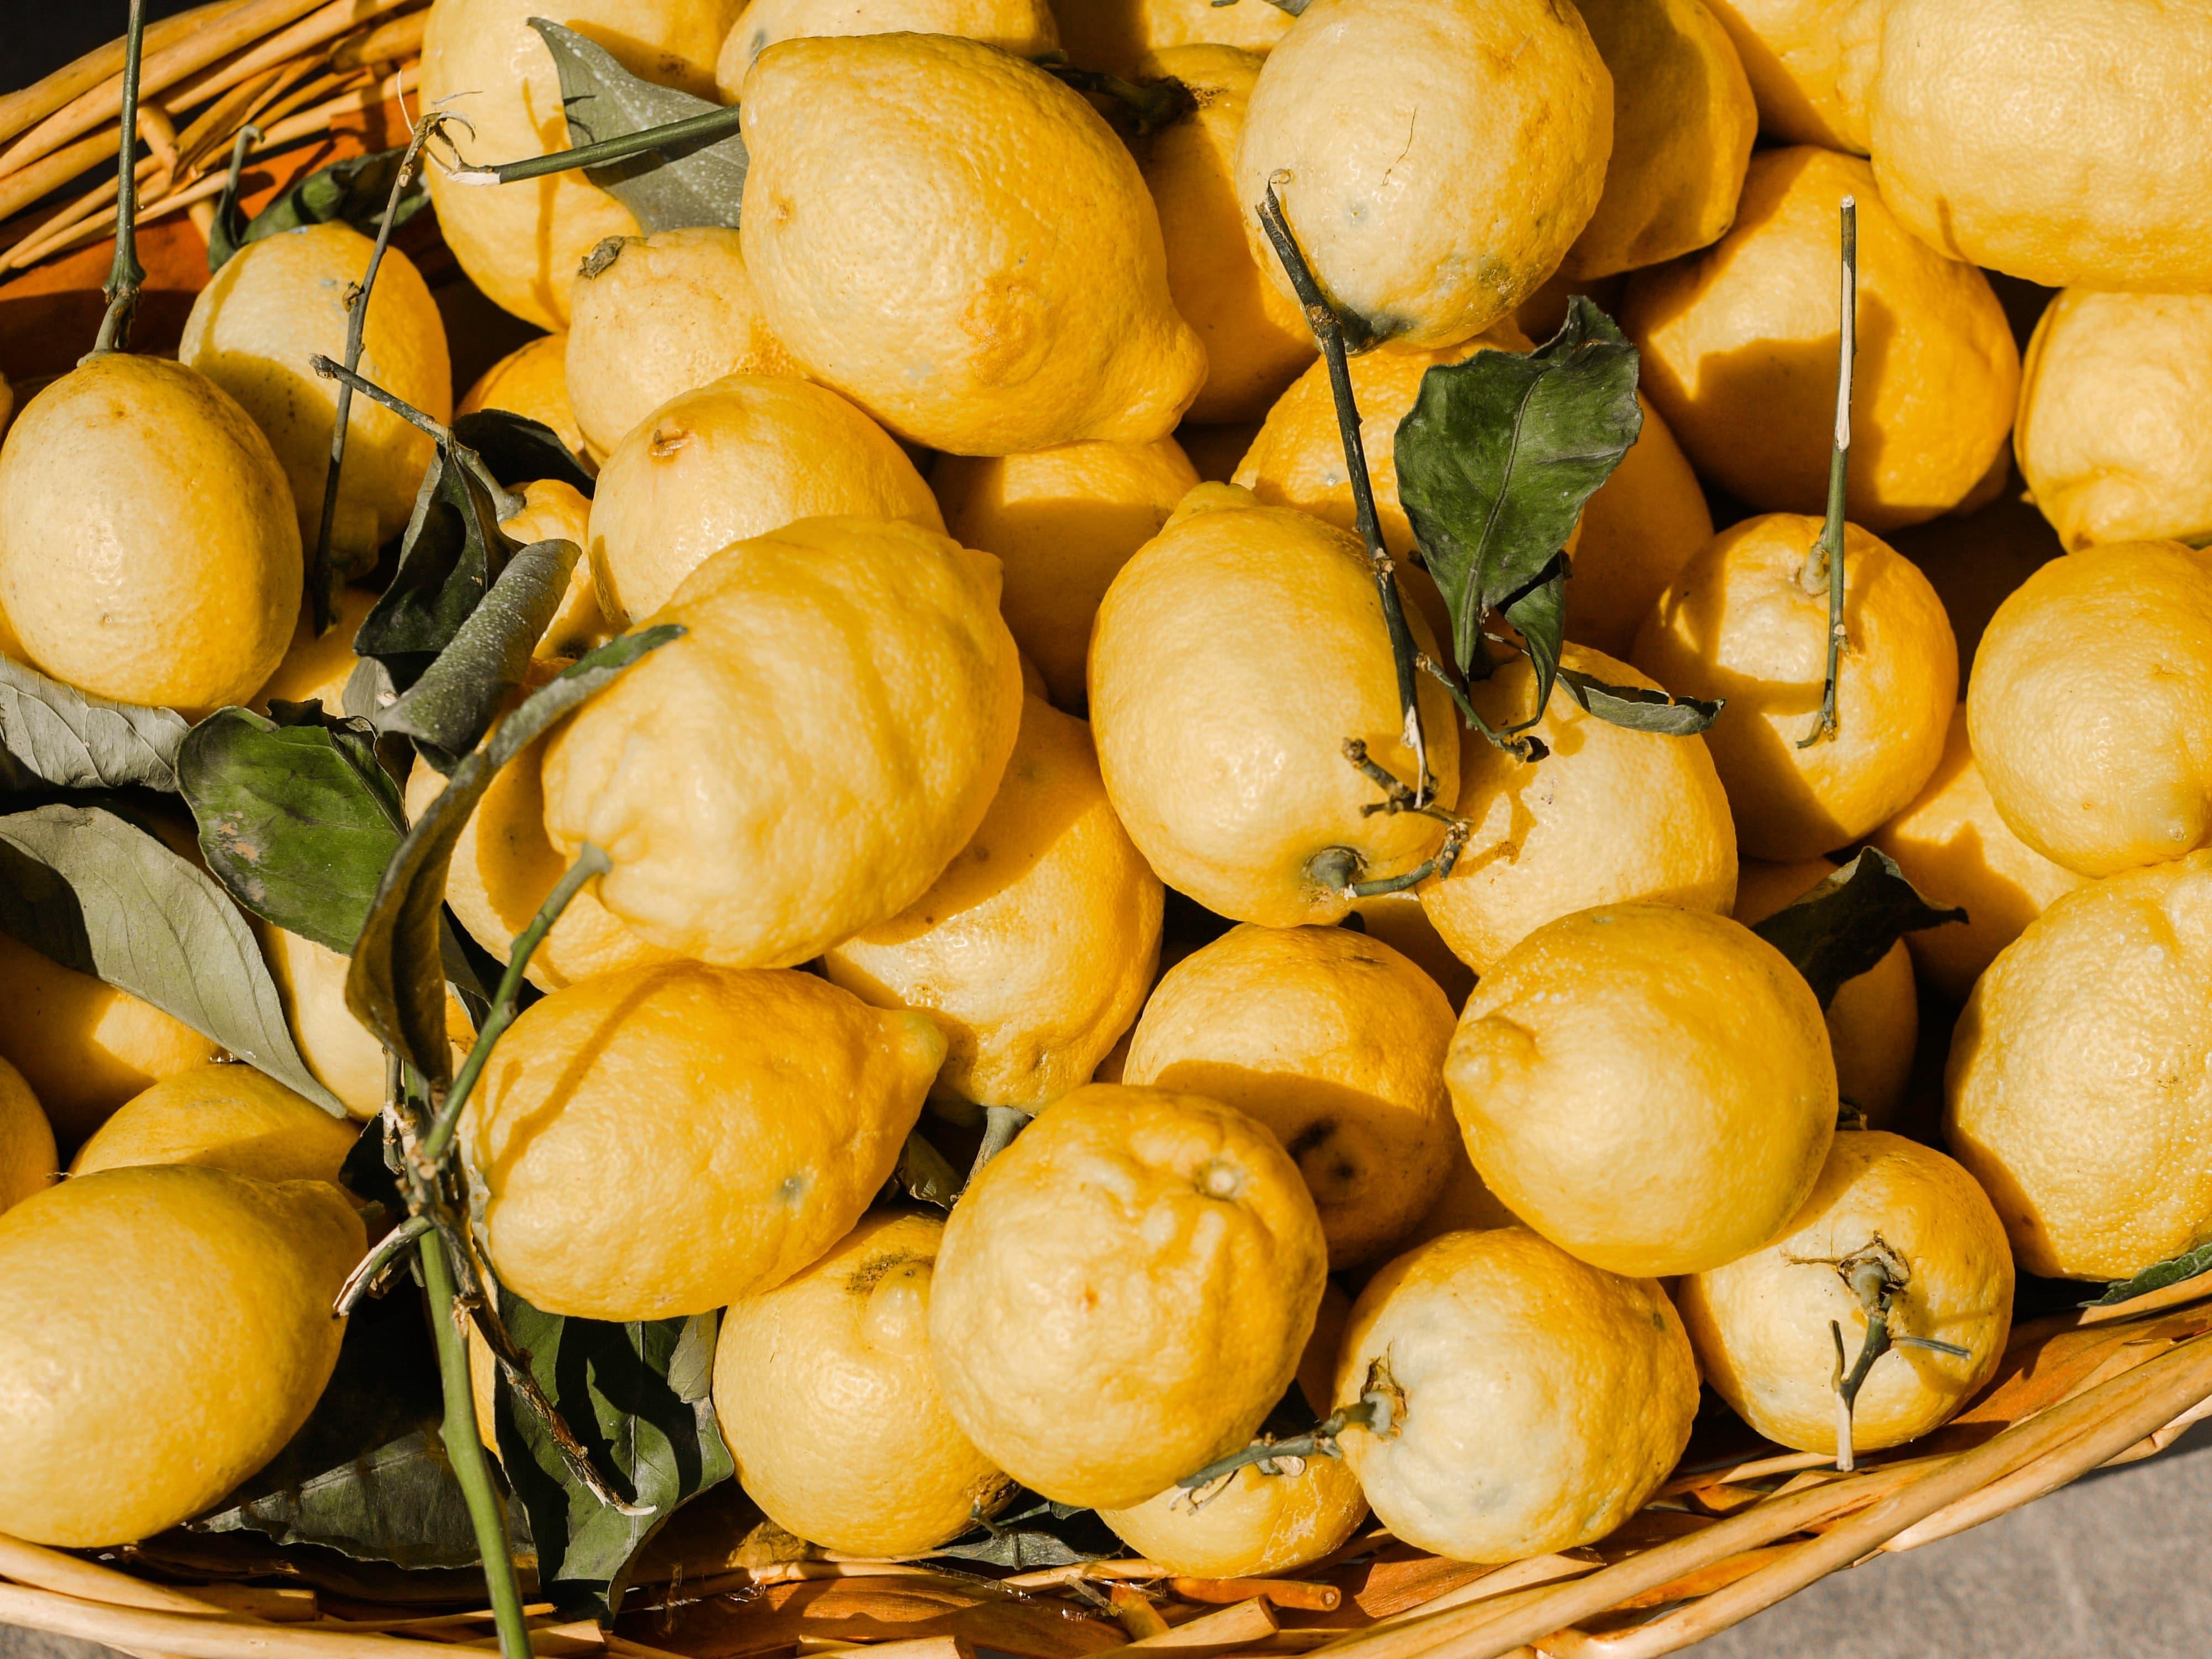 SUPERsfaturi şi SUPERalimente recomandate de Samsara FoodHouse